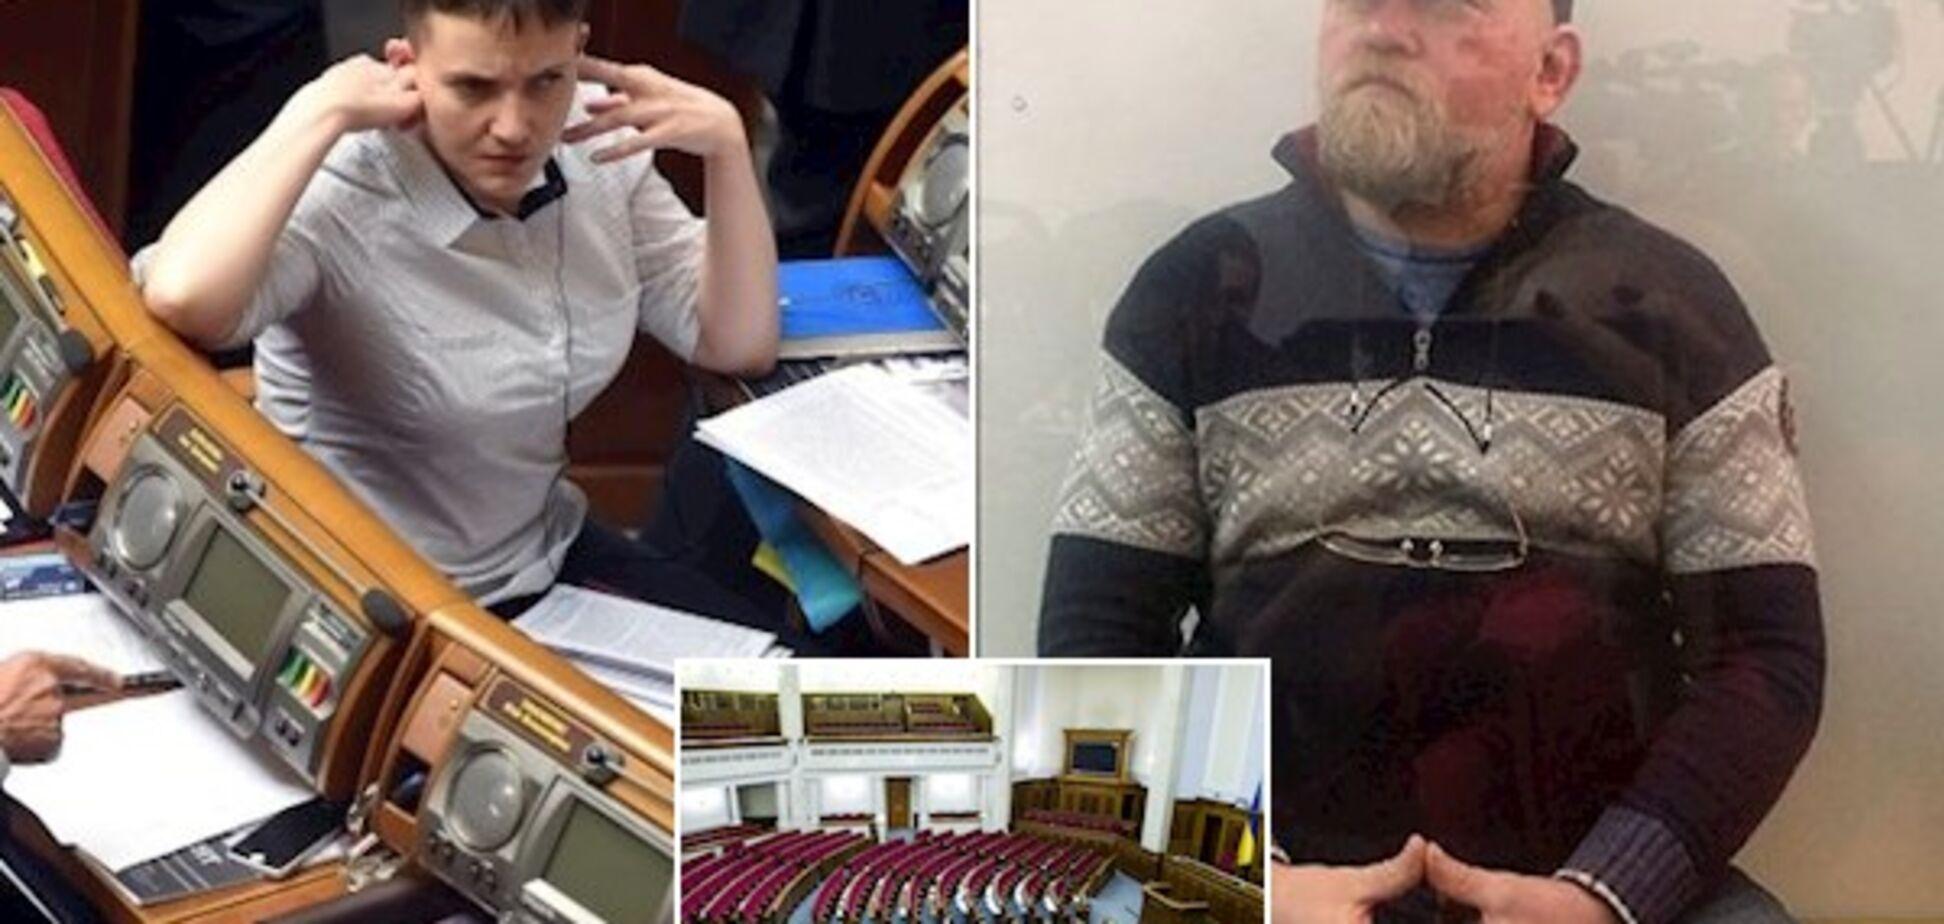 Віддаємо цю дурепу: Колесніков розкрив роль Савченко в підготовці держперевороту